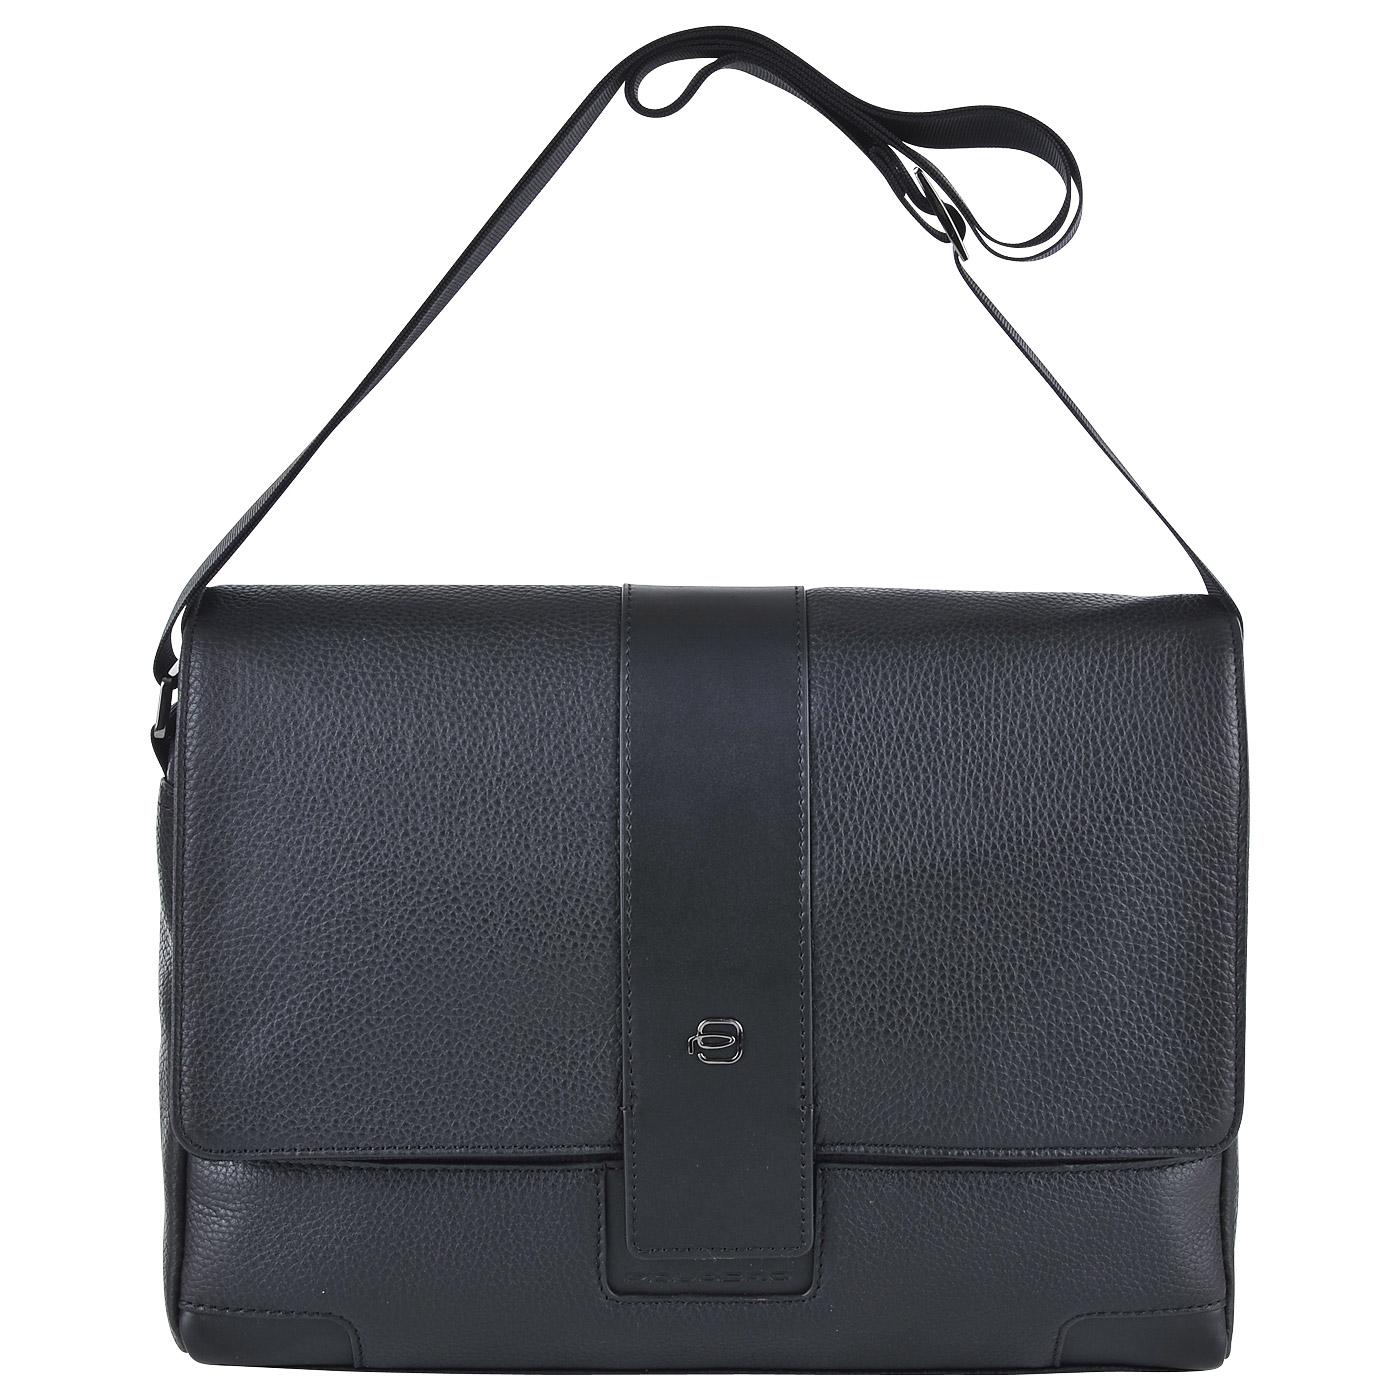 2f6754d4da2e Мужская кожаная деловая сумка Piquadro Ili Мужская кожаная деловая сумка  Piquadro Ili ...